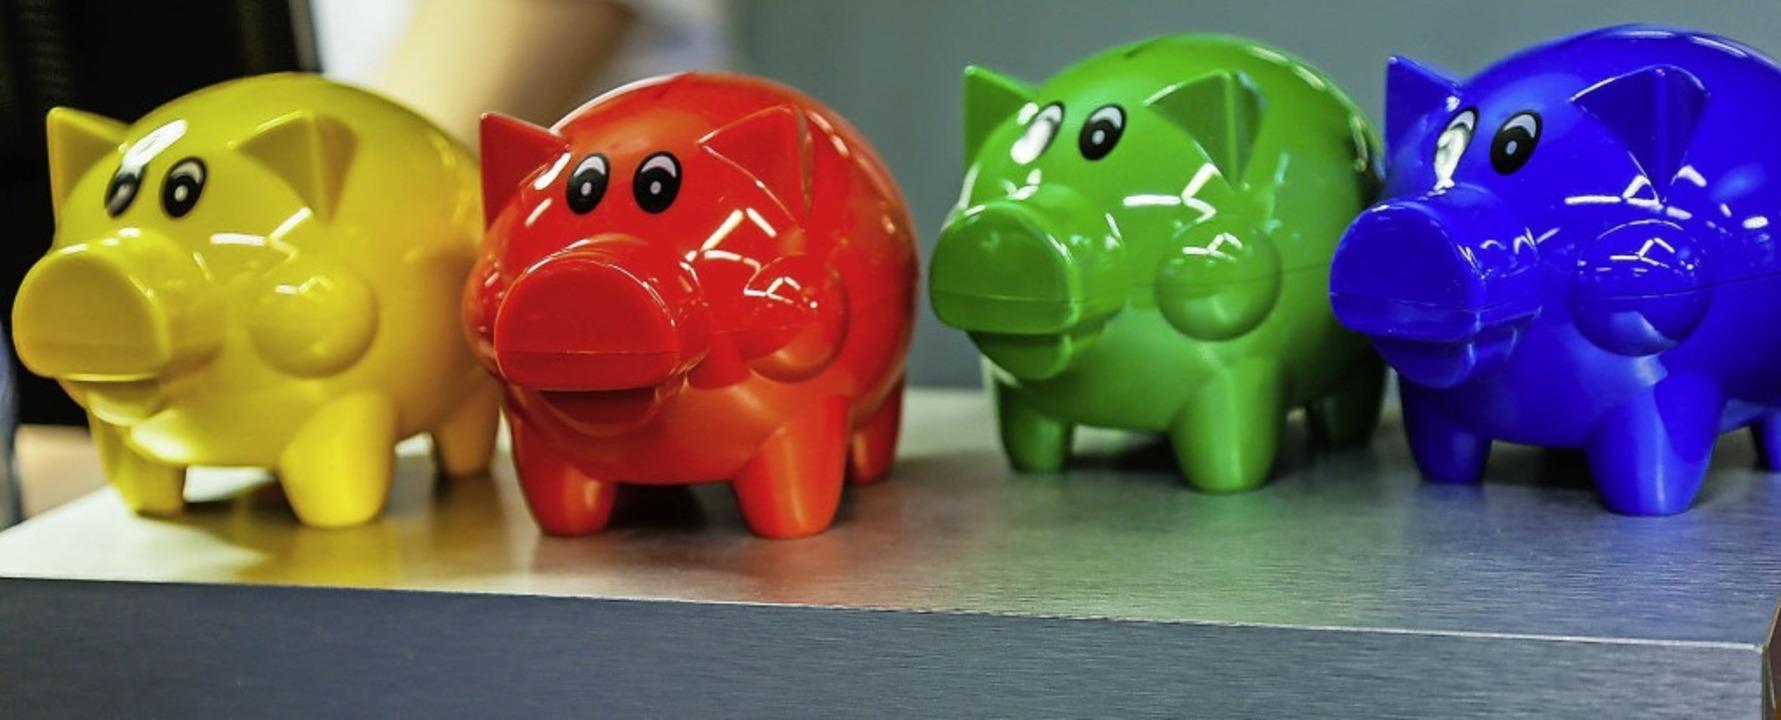 Neben den klassischen Sparschweinen ka...üten voller Erspartem zum Weltspartag.  | Foto: Sandra Decoux-Kone